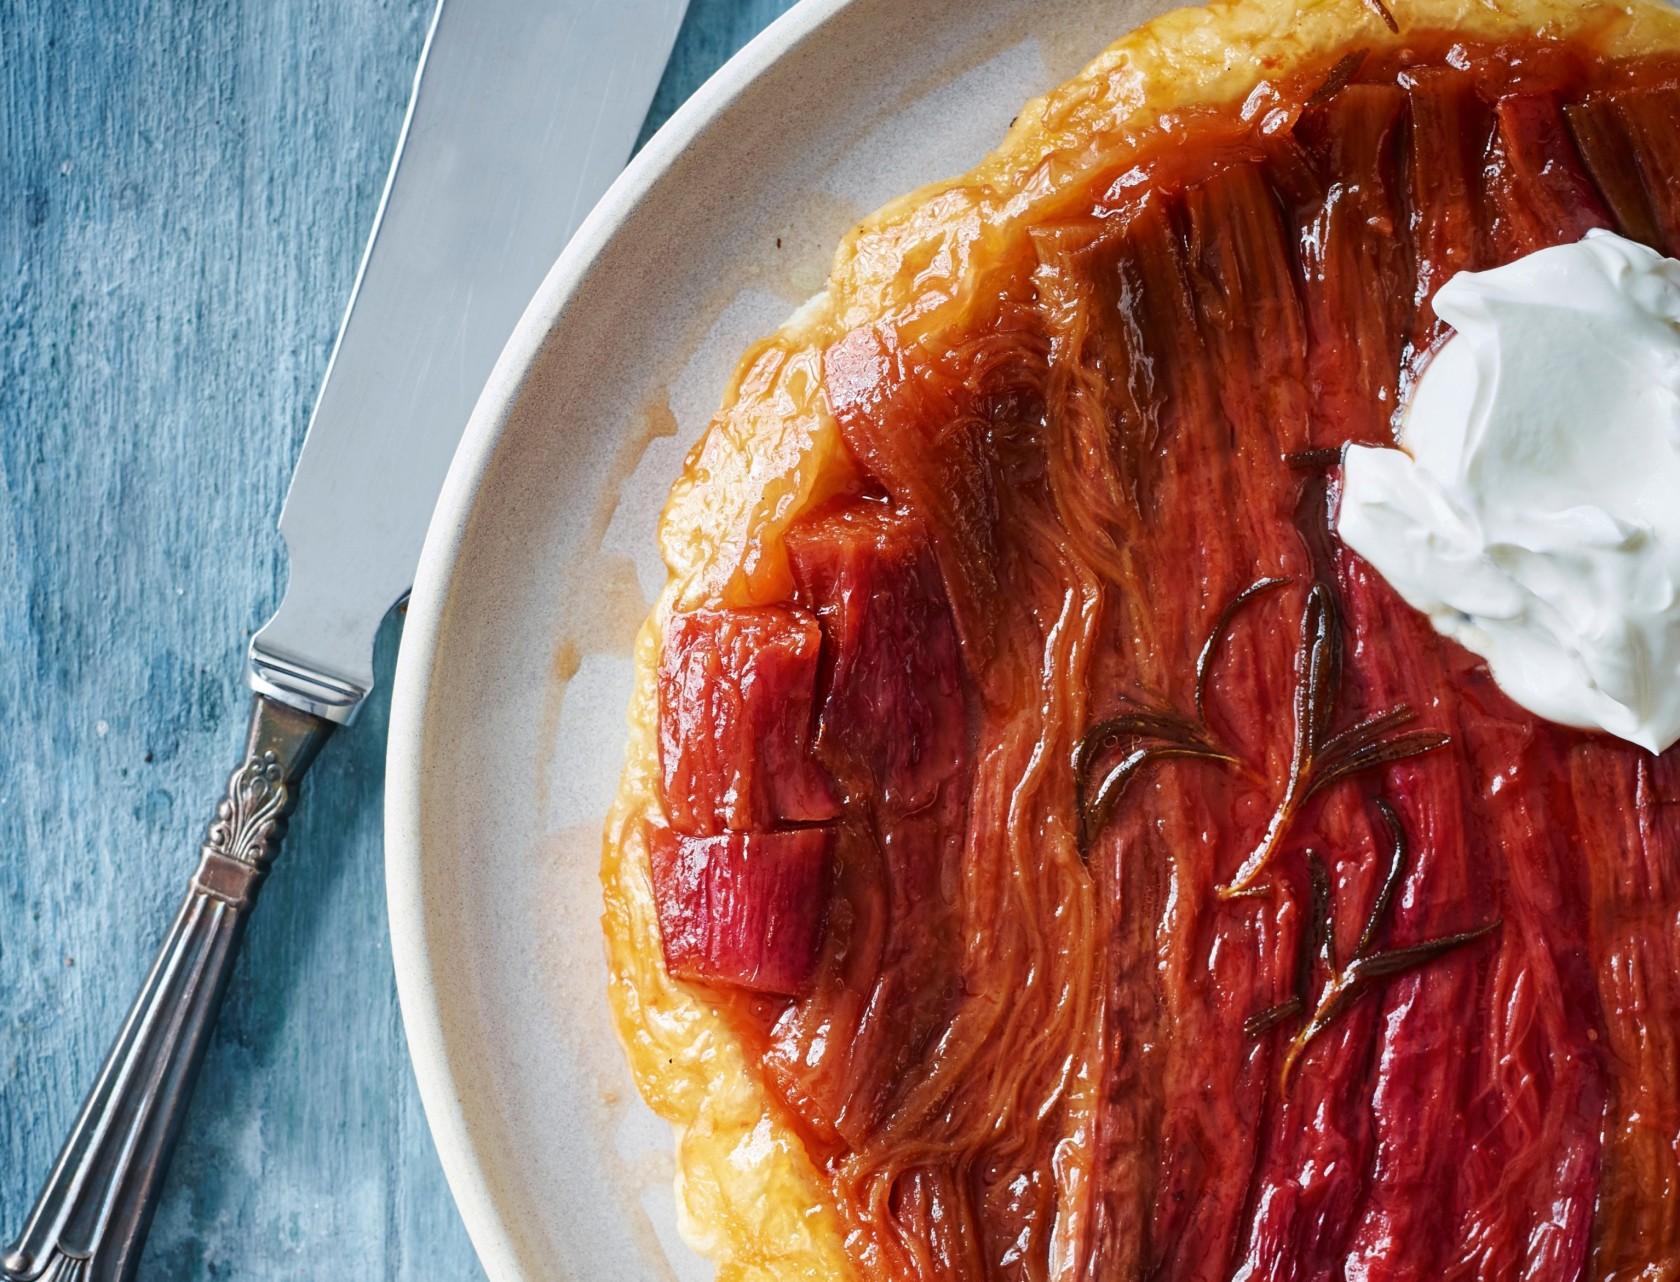 Nem opskrift på tarte tatin med rabarber, rosmarin og vaniljeis - klik lige her!